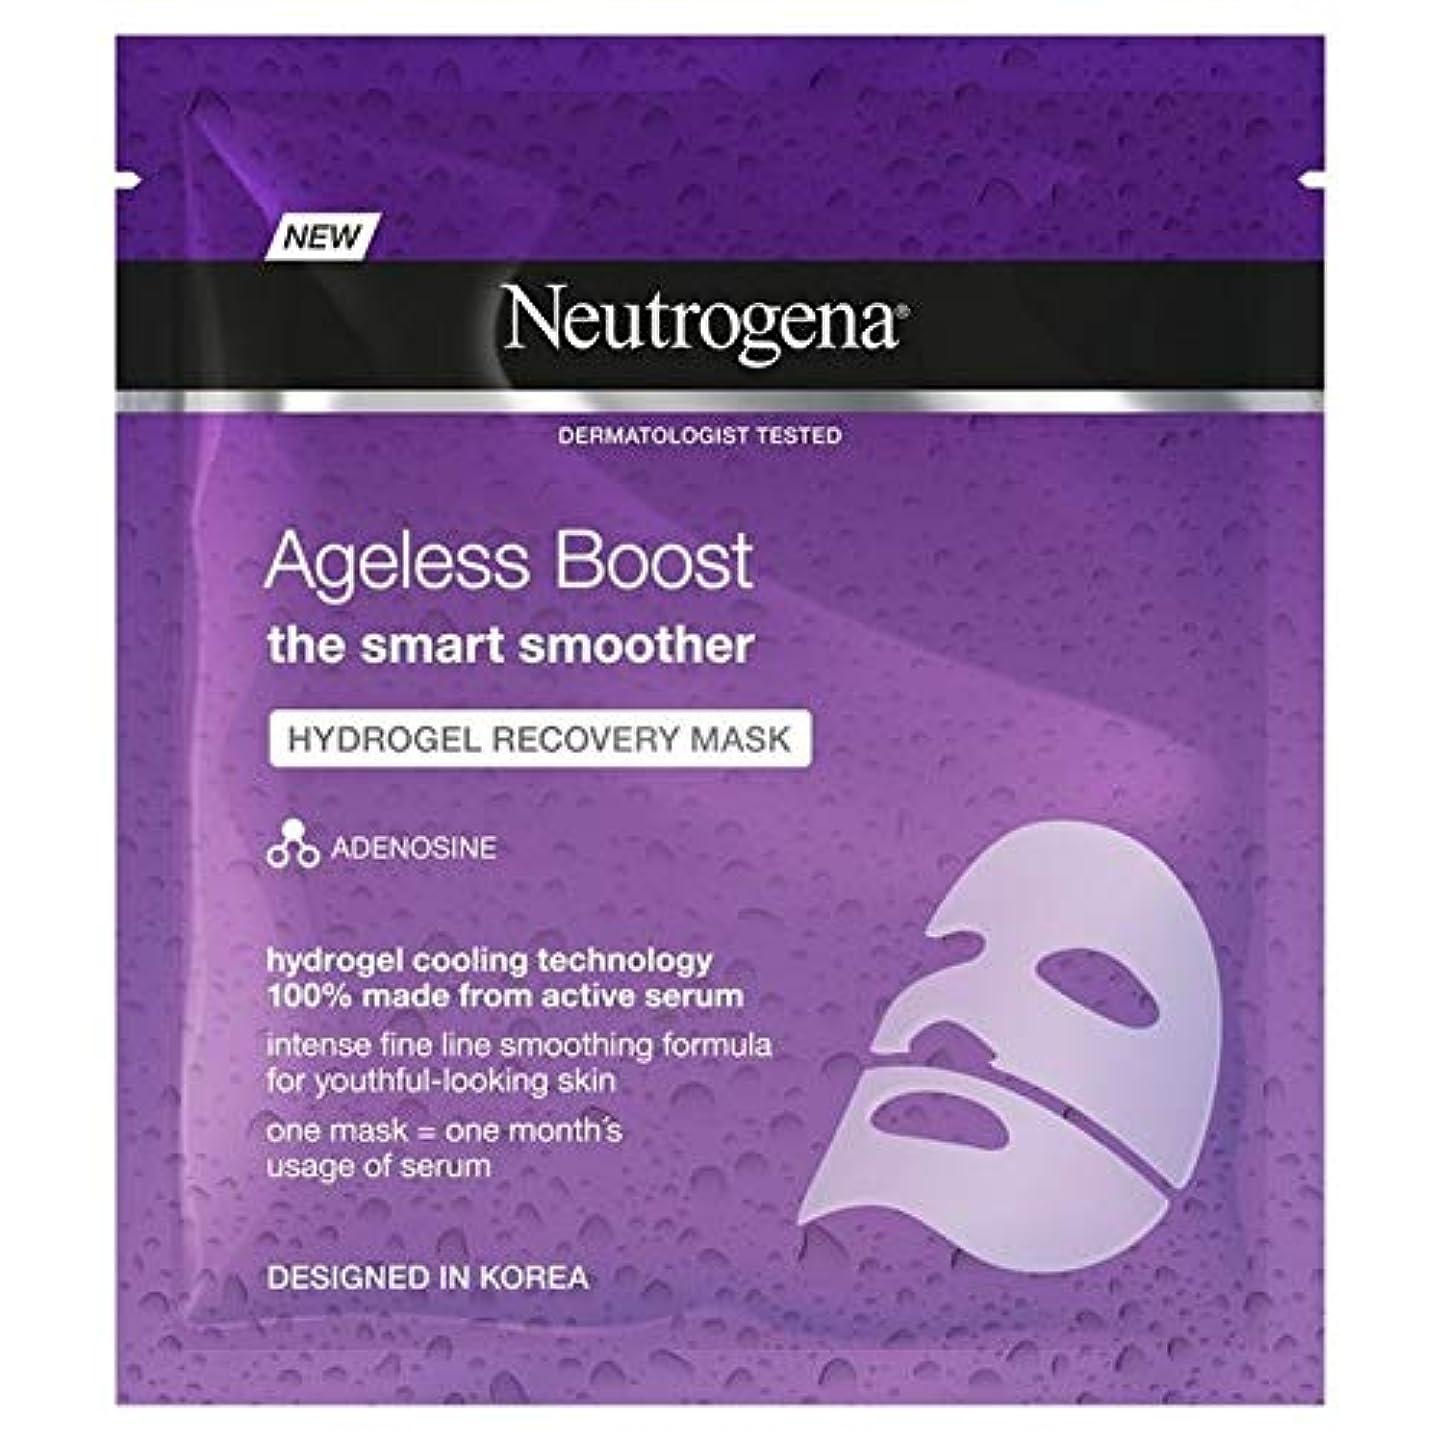 半ば残酷コーヒー[Neutrogena] ニュートロジーナ永遠ブーストハイドロゲルマスク30ミリリットル - Neutrogena Ageless Boost Hydrogel Mask 30ml [並行輸入品]